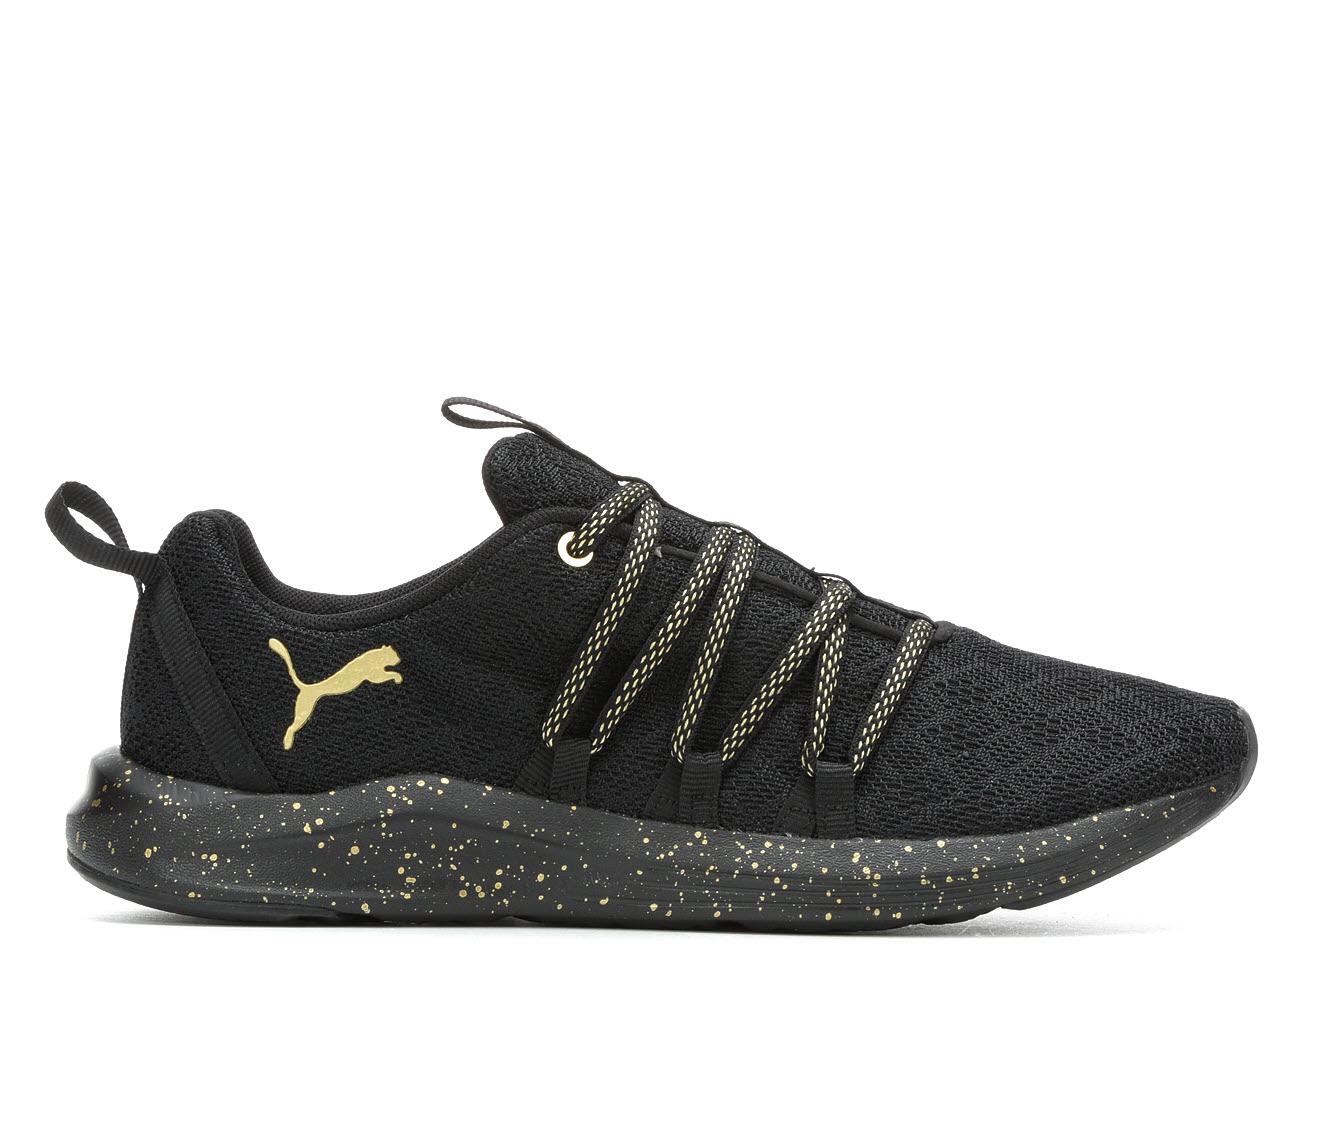 Puma Prowl Alt Speckle Women's Athletic Shoe (Black)